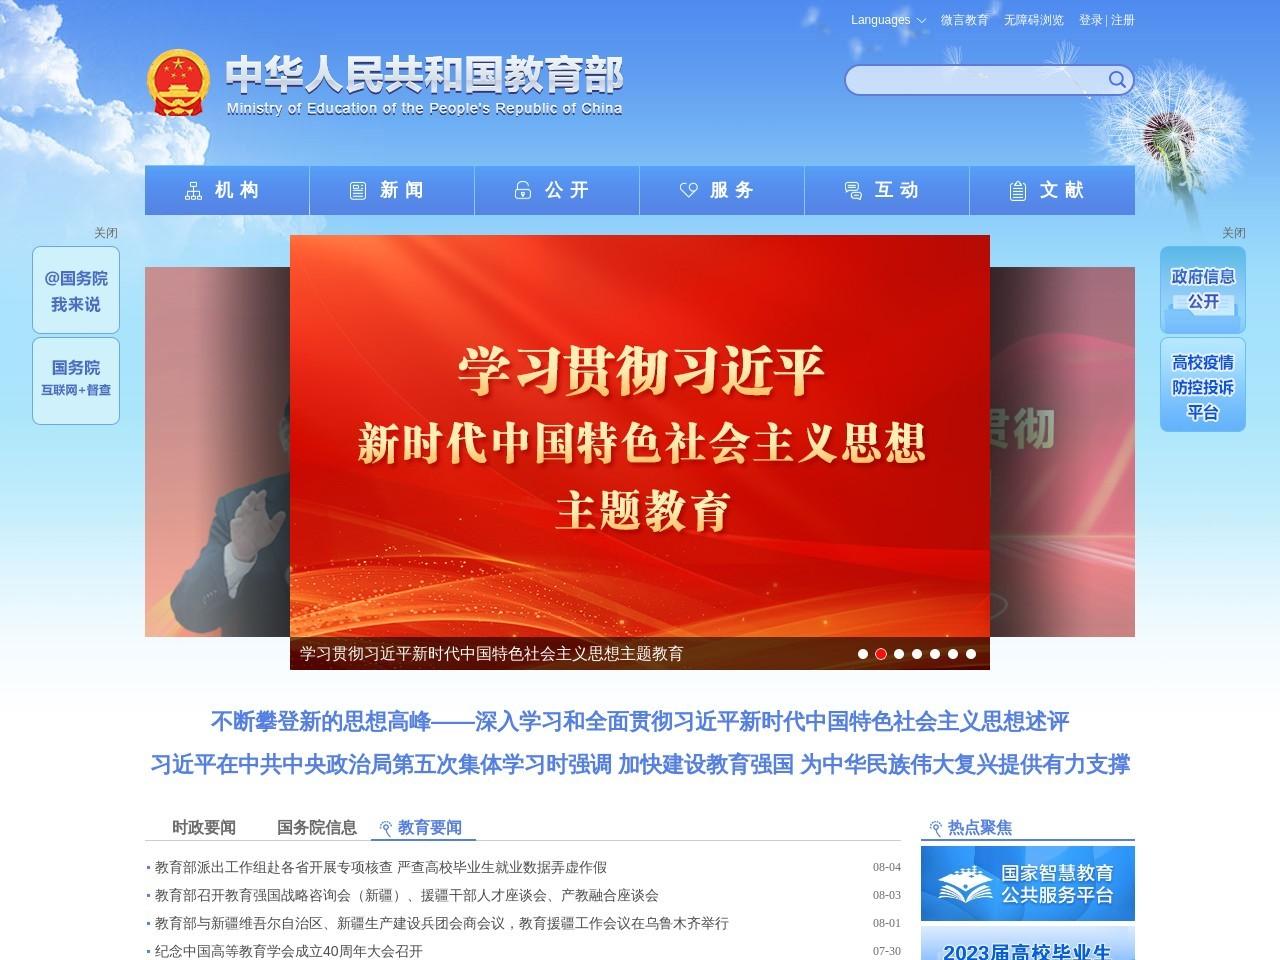 中华人民共和国教育部政府门户网站的网站截图